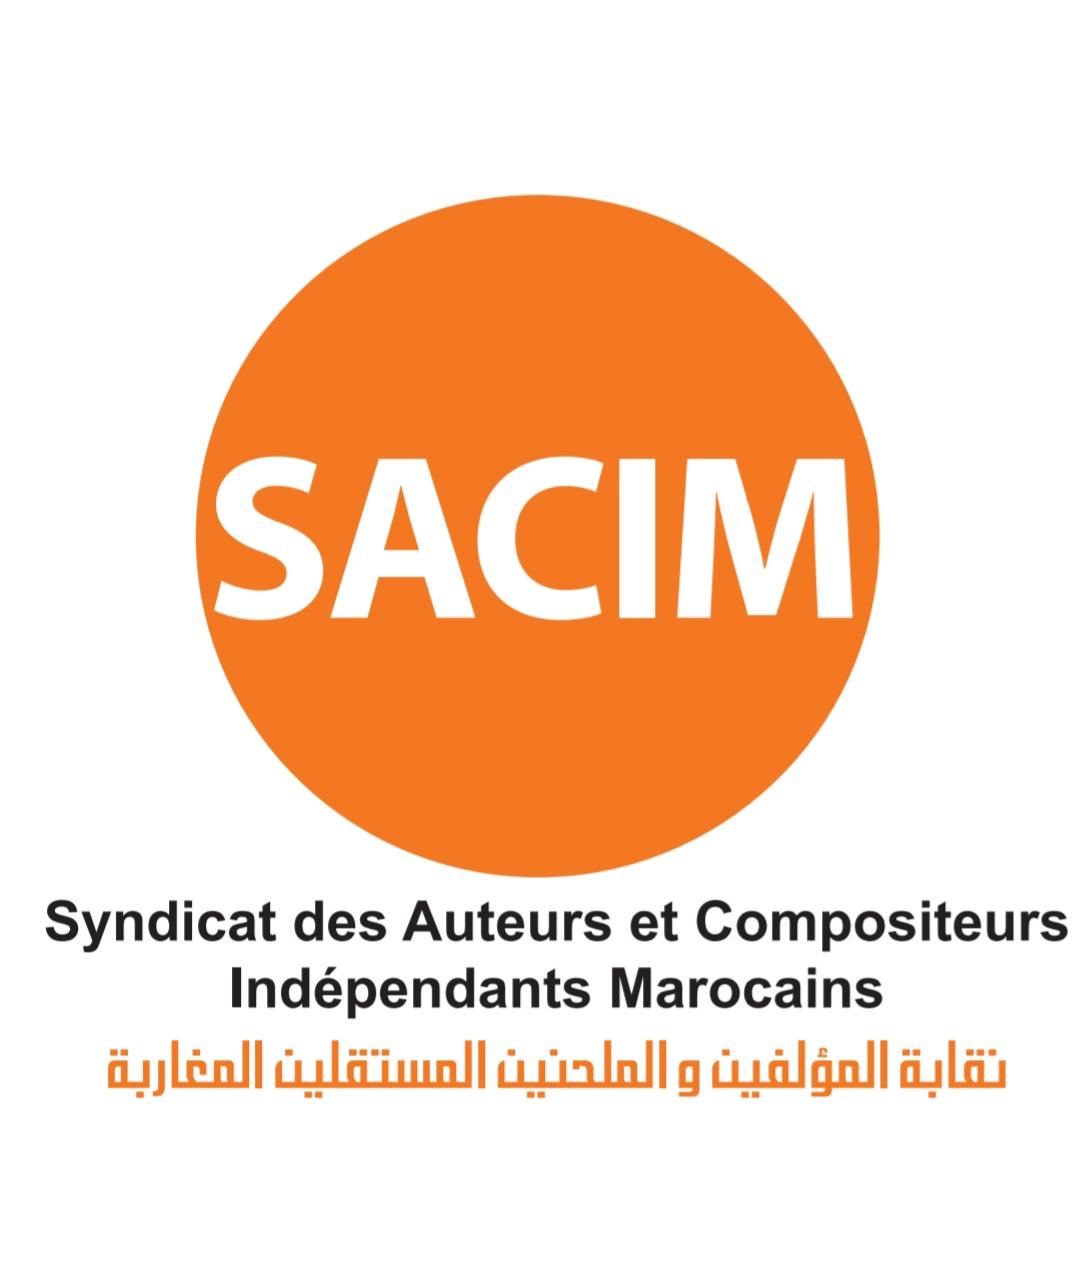 تأسيس نقابة المؤلفين و الملحنين المستقلين المغاربة